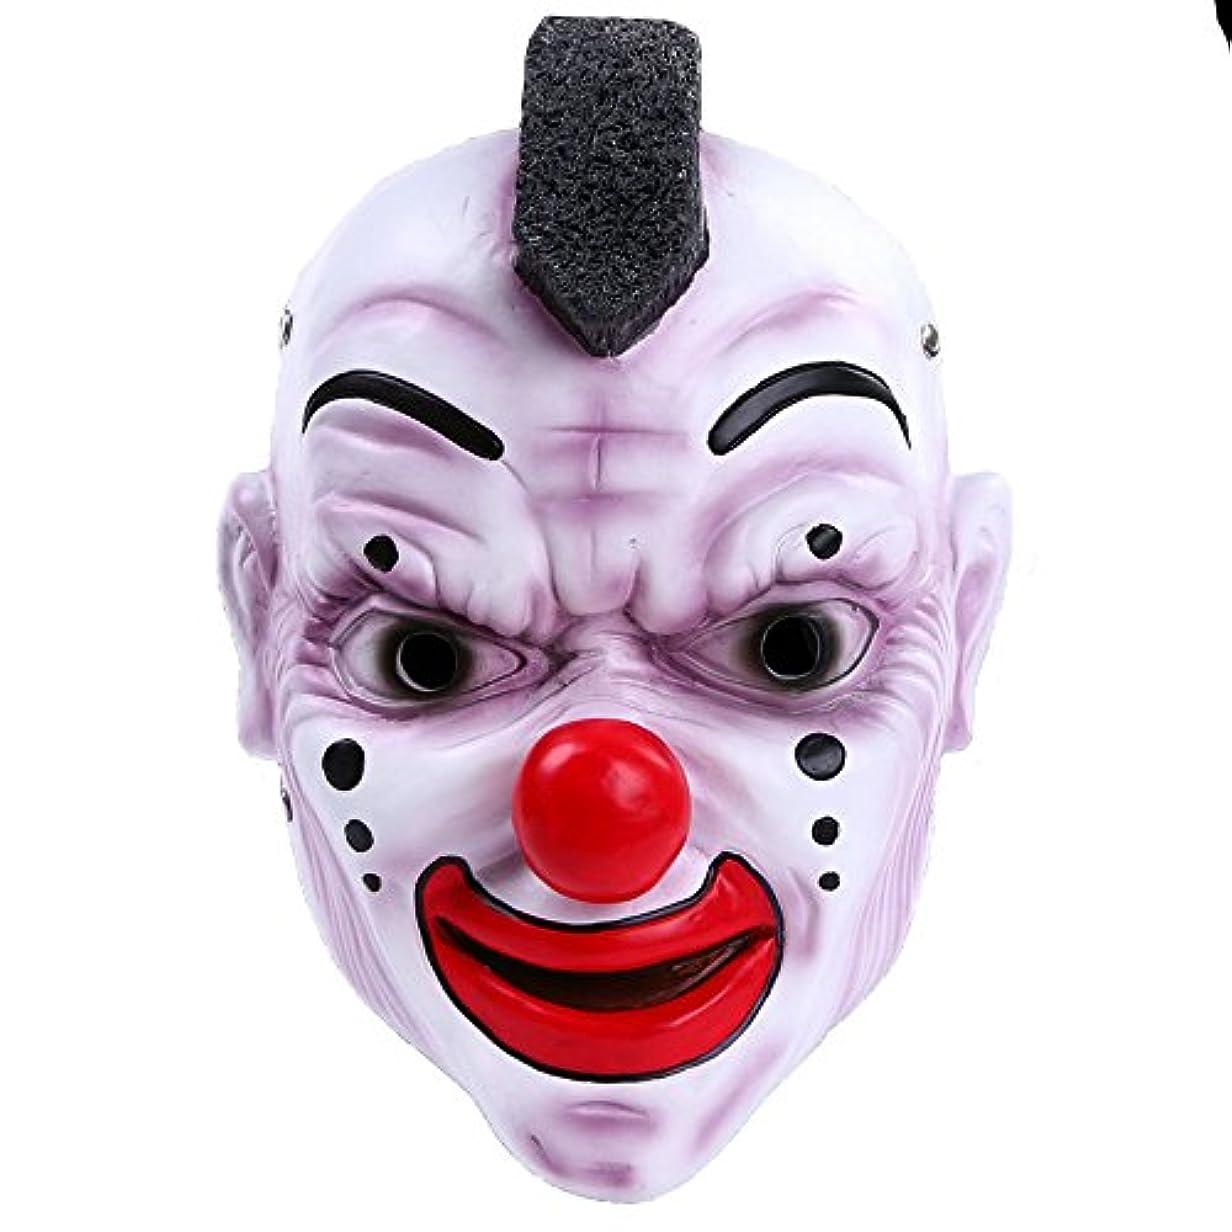 作るデータベース航空ハロウィンバーパーティーマスクスカルバンドマスク赤い鼻ピエロマスク樹脂工芸品マスク